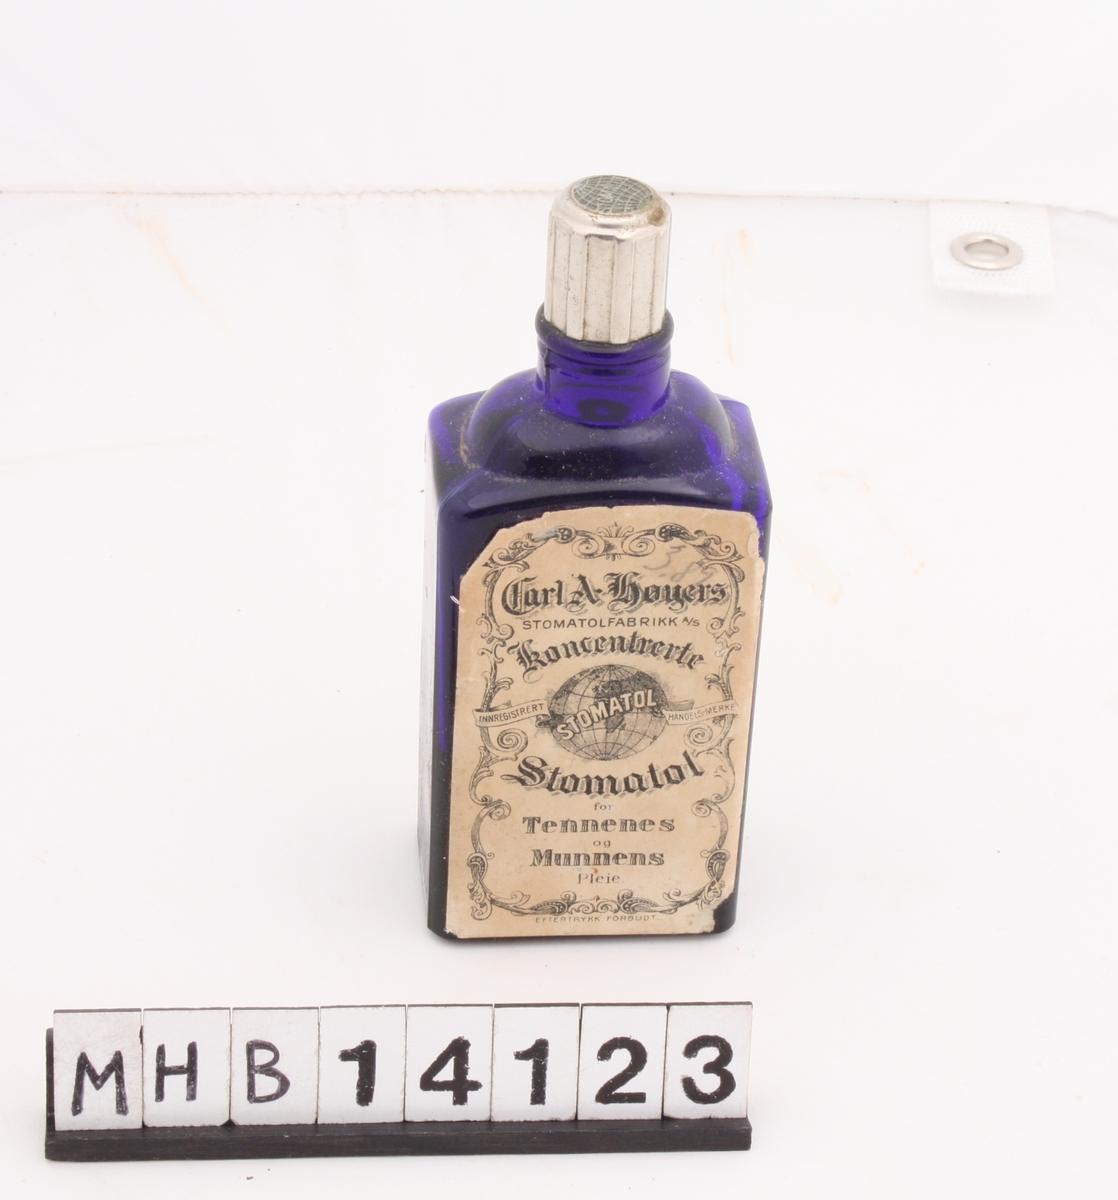 Firkantet, mørk blå glassflaske med metallkortk øverst. Det er papiretiketter på flaskens for- og bakside med påtrykket tekst. Forsiden har grafiske dekorelementer i nyrokokko og trykket sort tekst på hvit bunn. På baksiden er omtale av produktet og bruksanvisning. Bunnen har integret tekst i form av en påskrift.